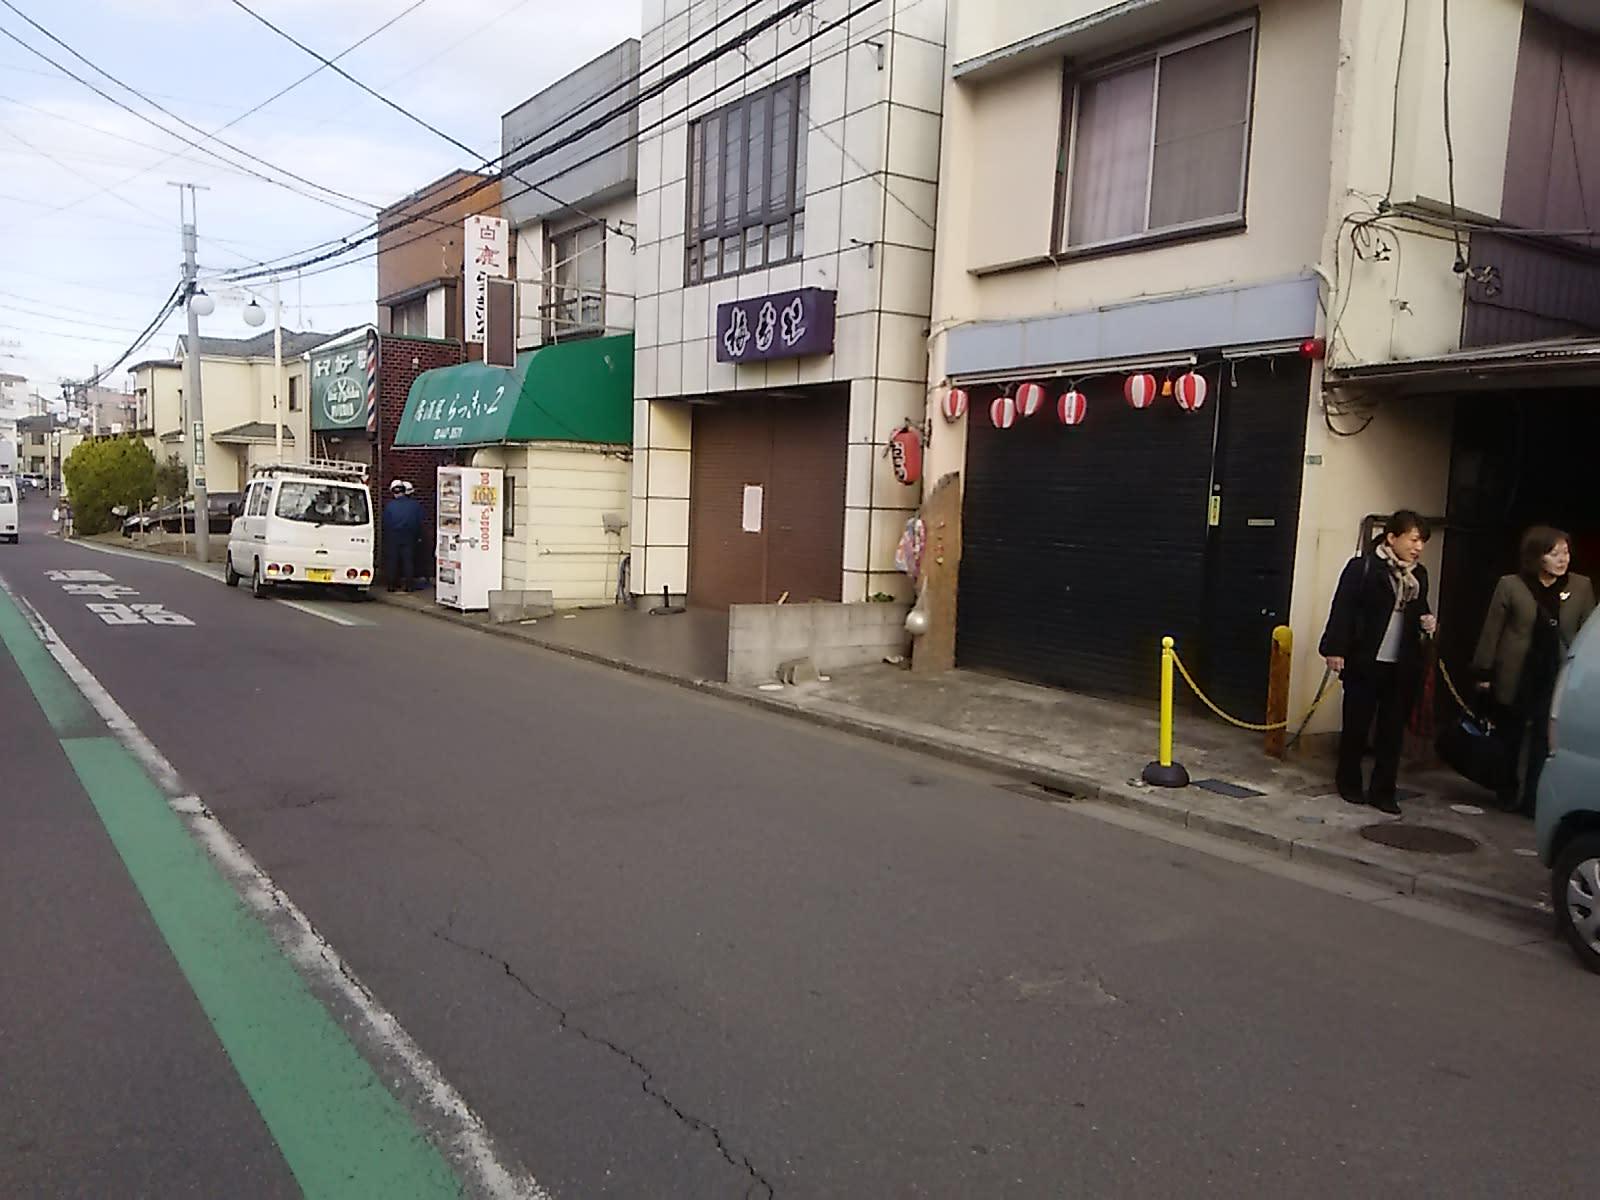 二和中央商店街老舗のお店が消え...